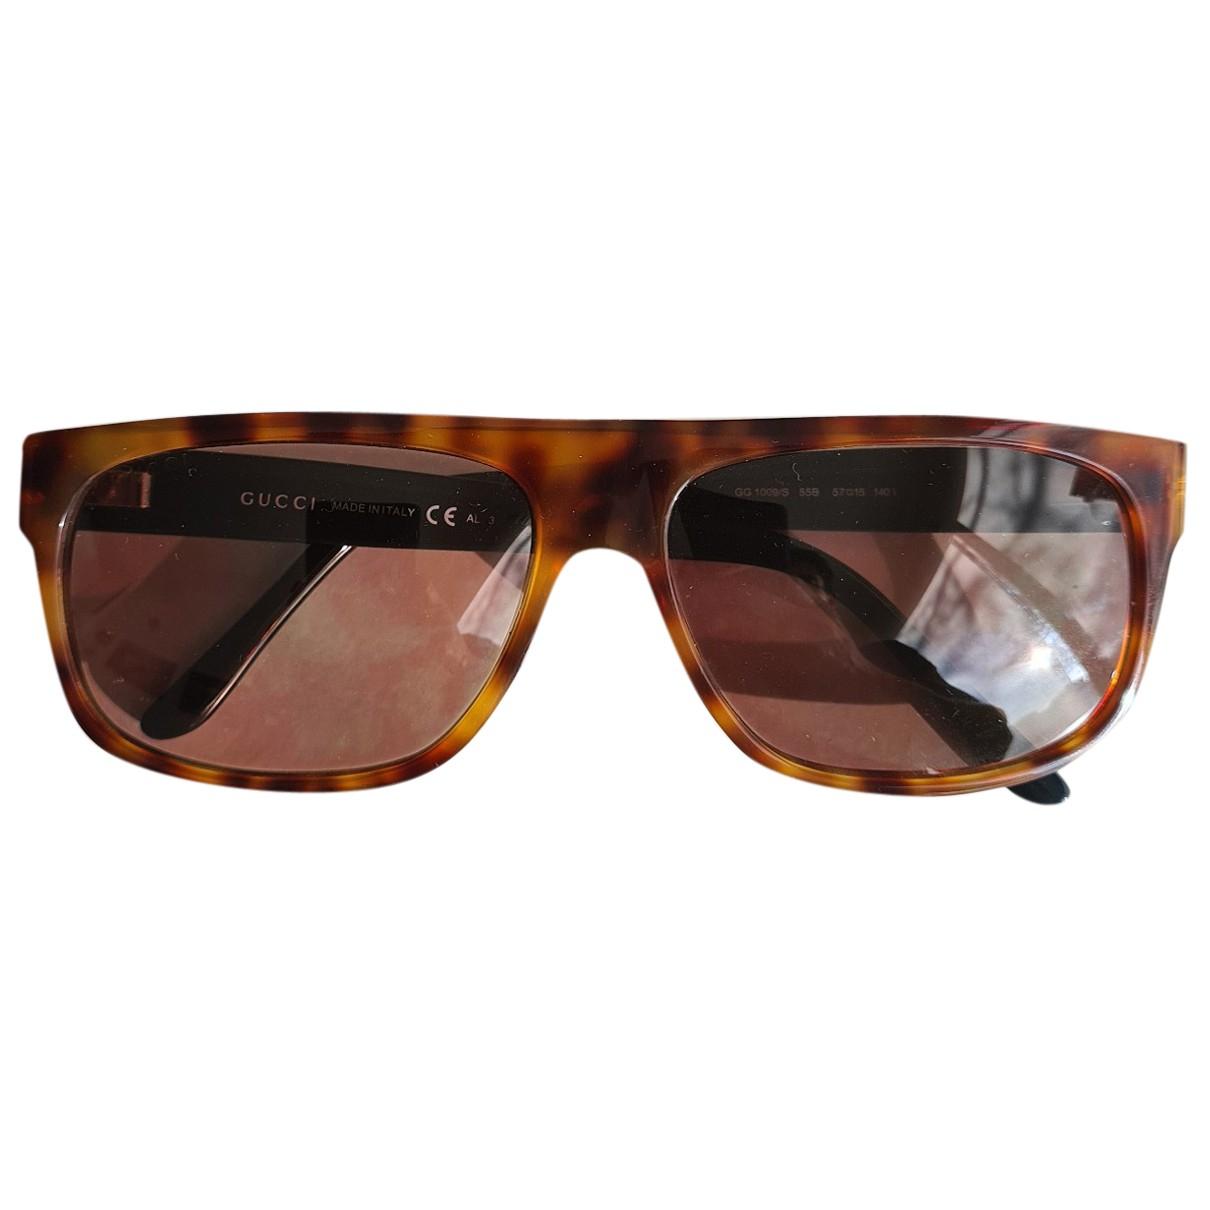 Gucci - Lunettes   pour homme - marron